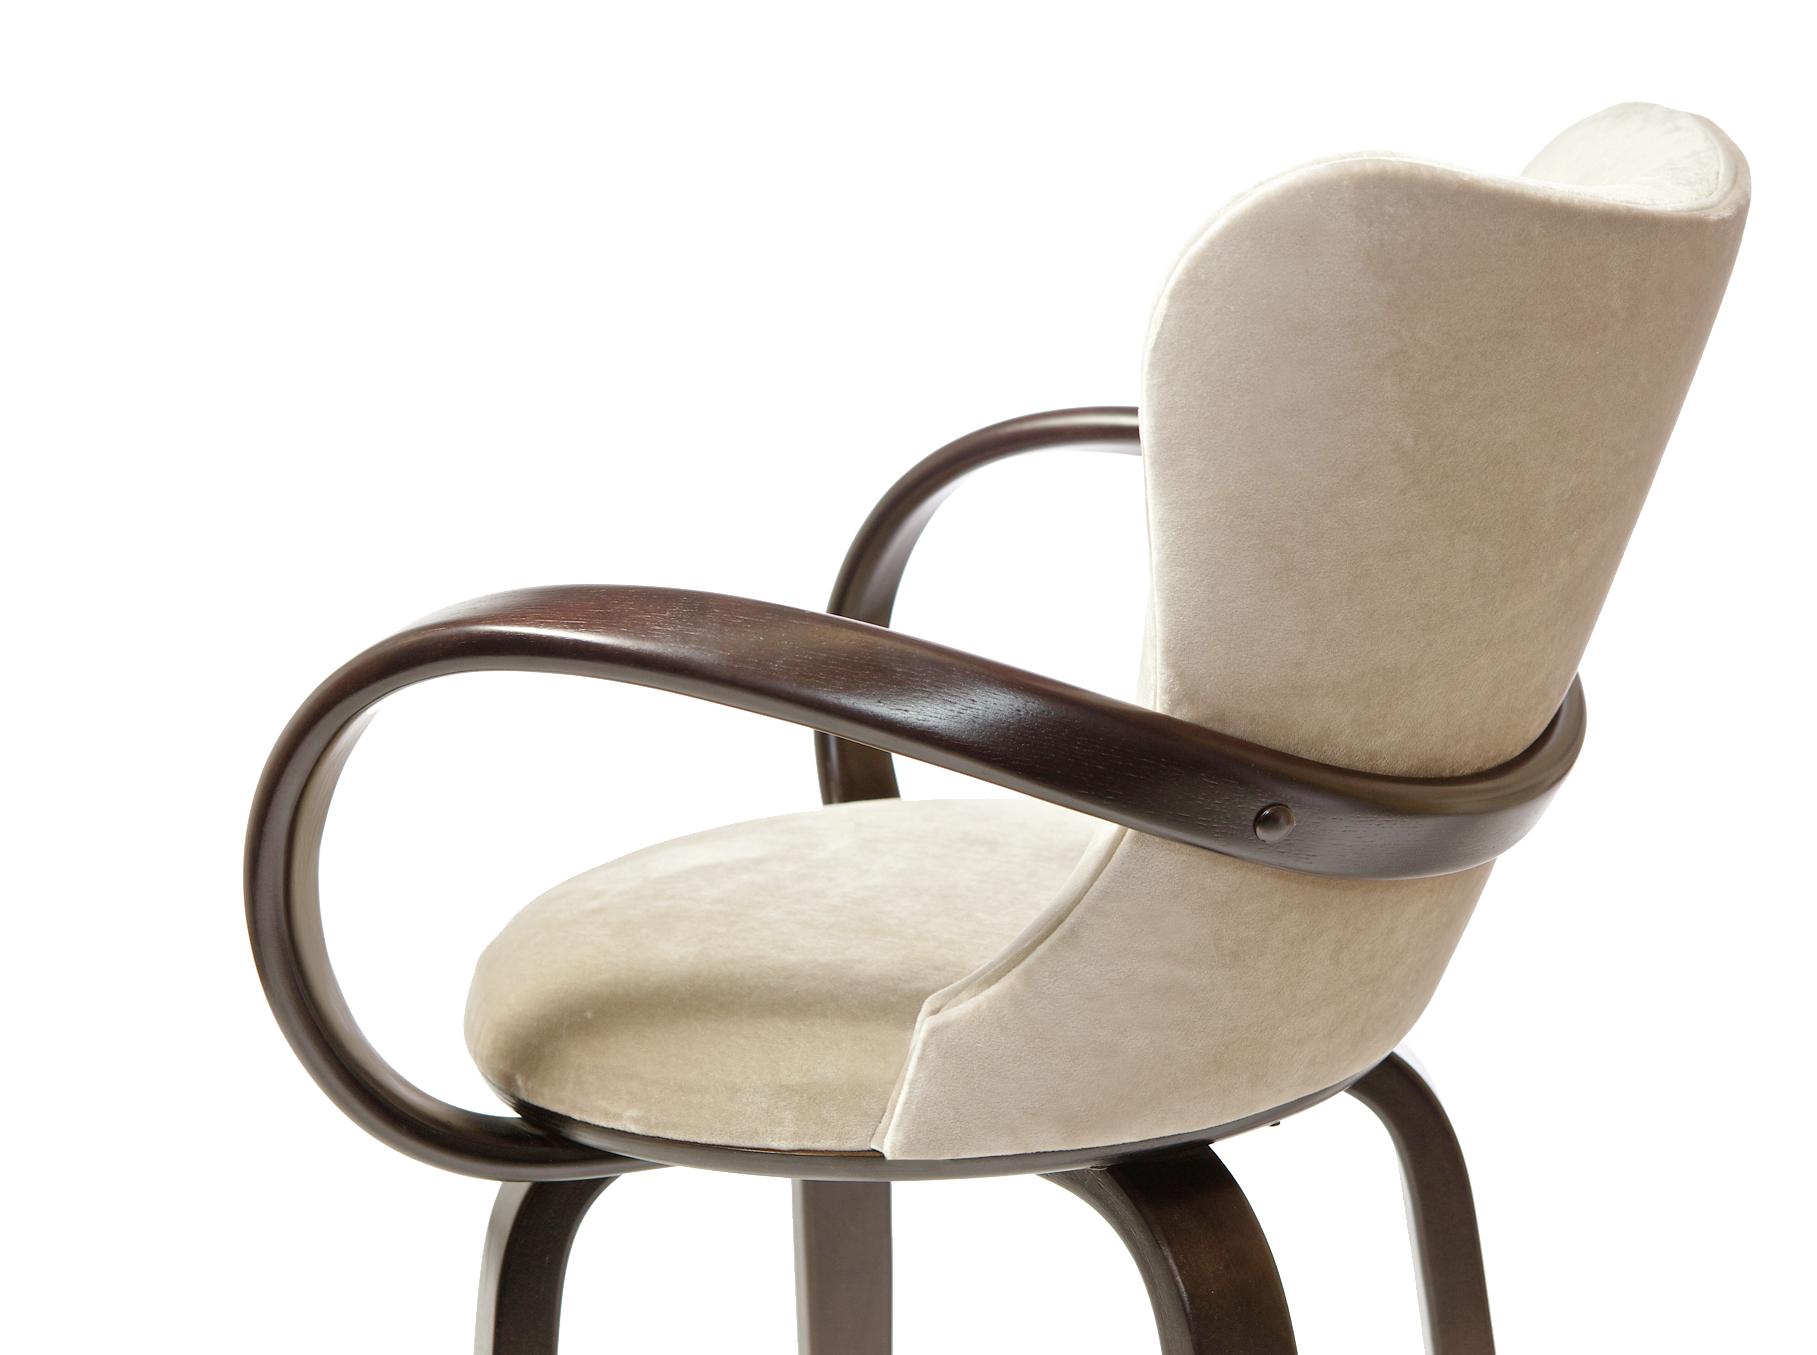 дизайнерский барный стул купить